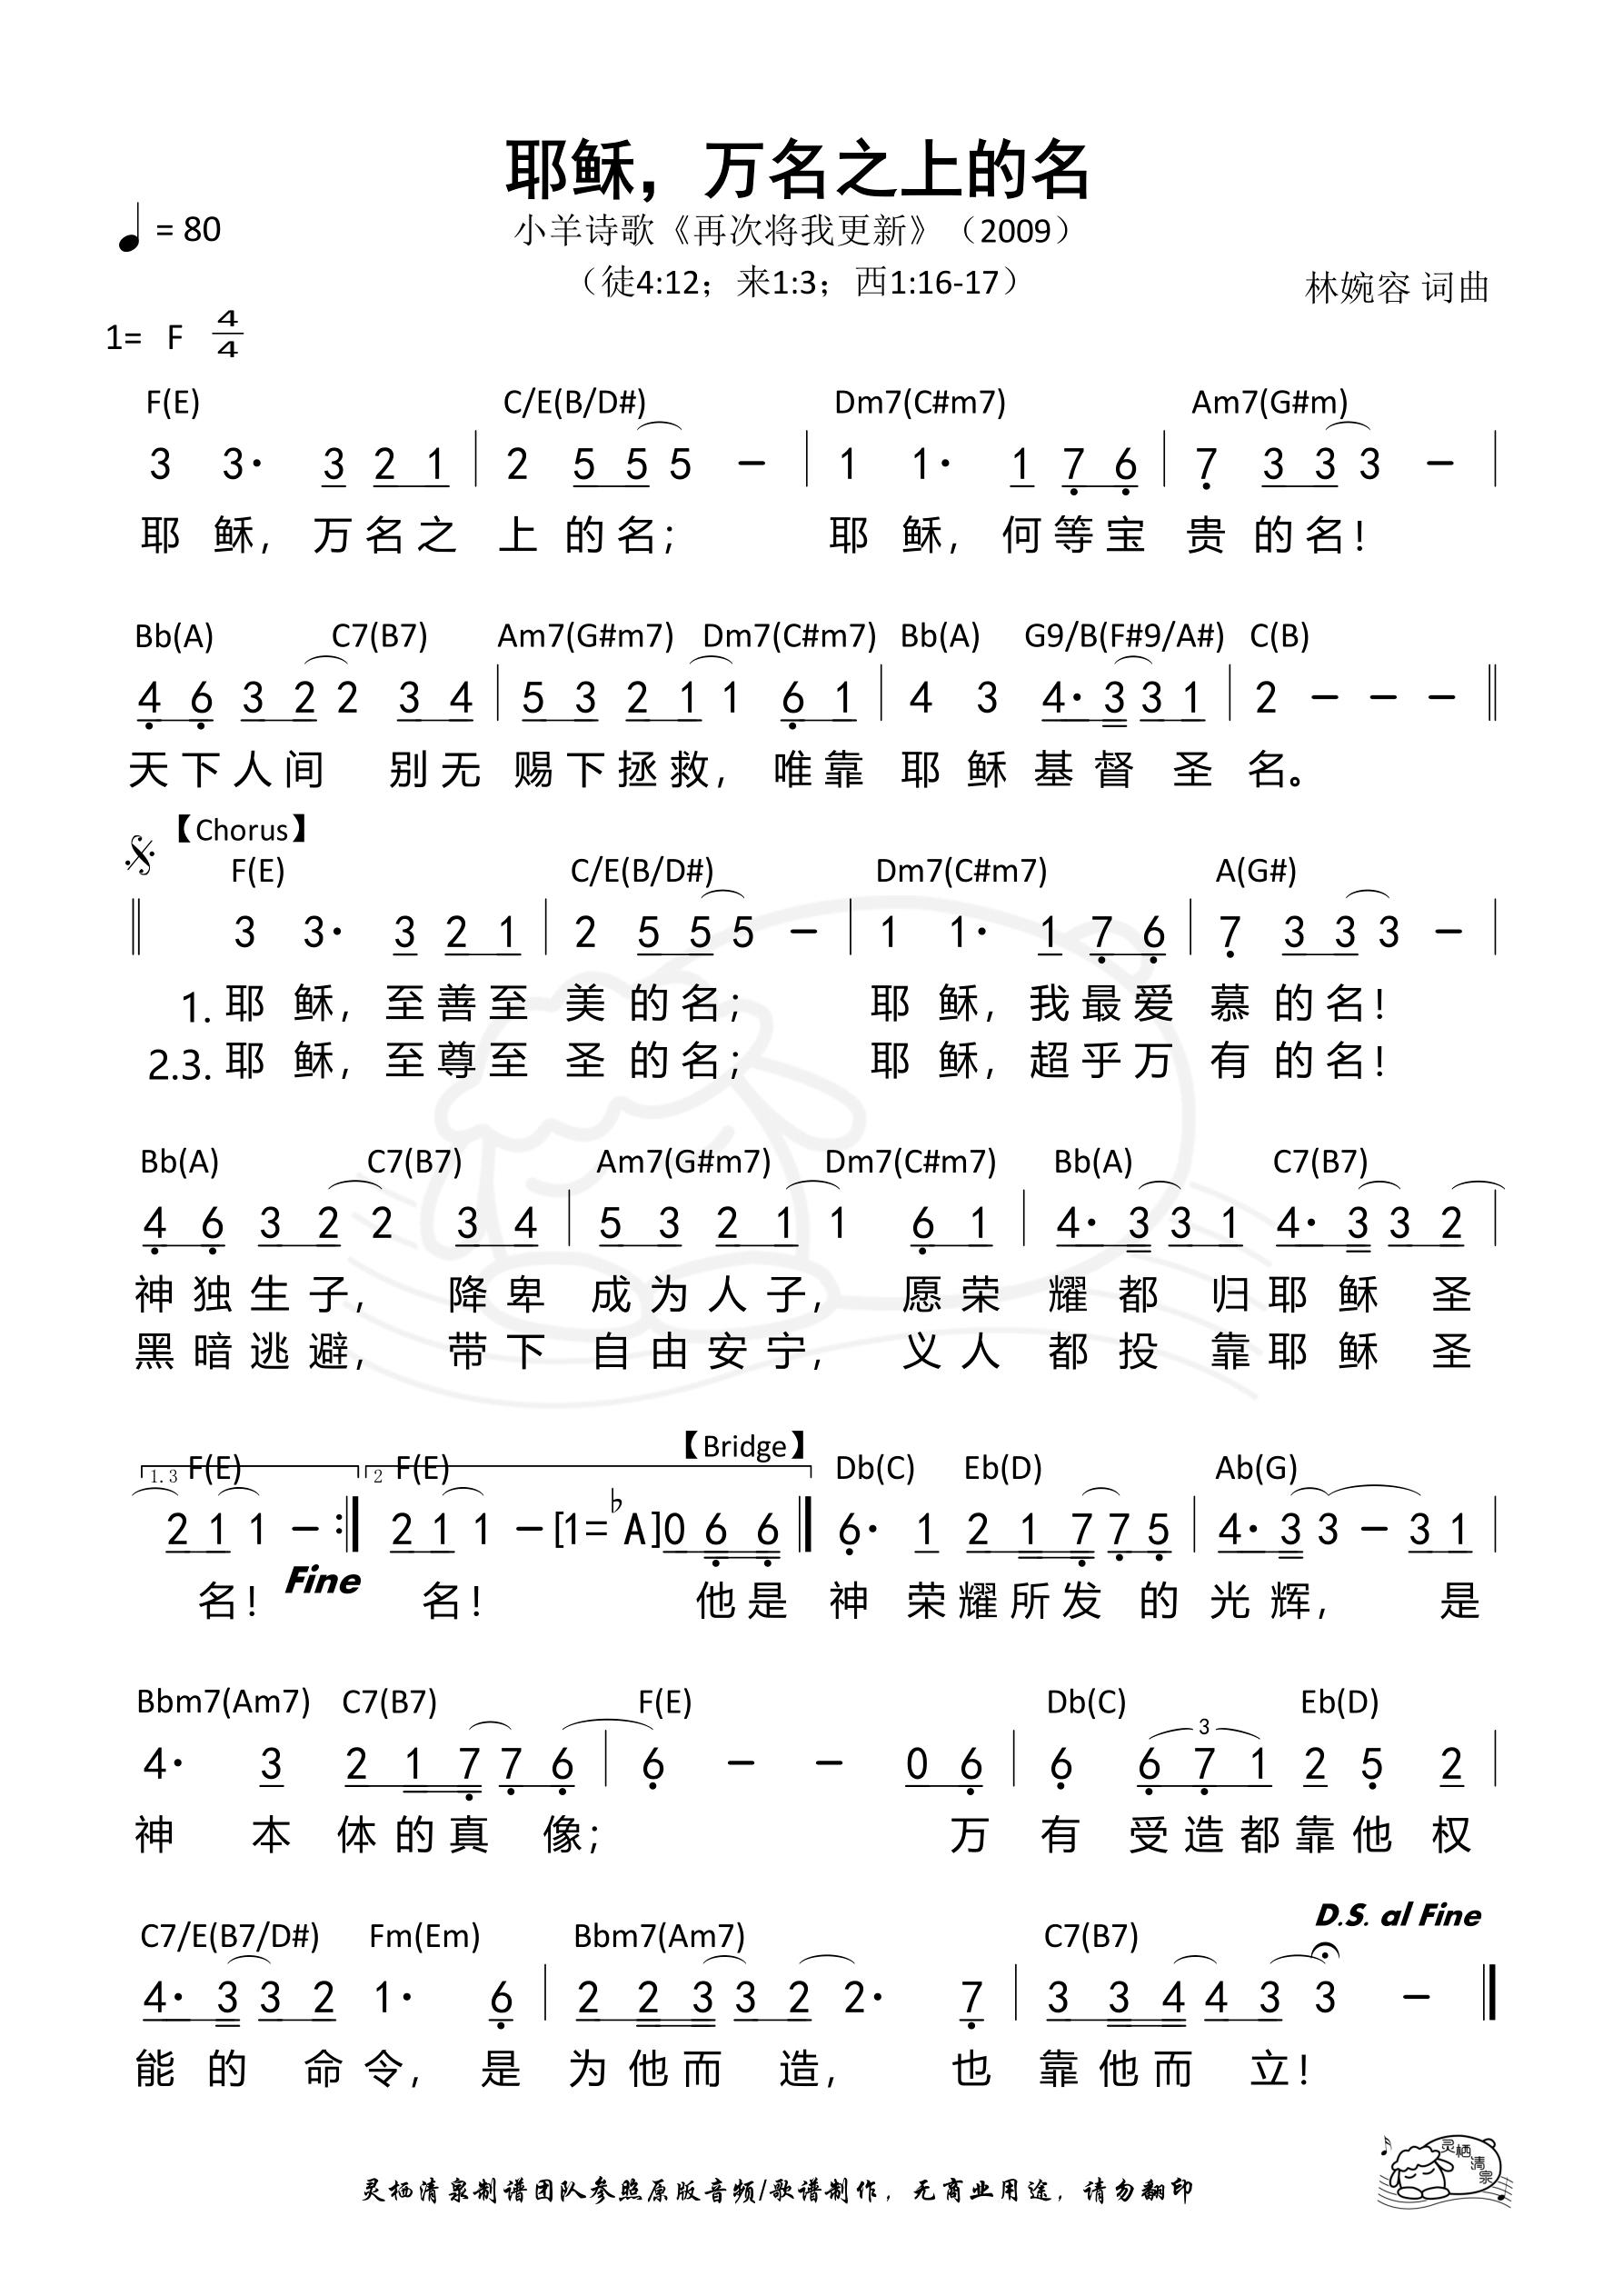 《第43首 - 耶稣,万名之上的名 和弦简谱》